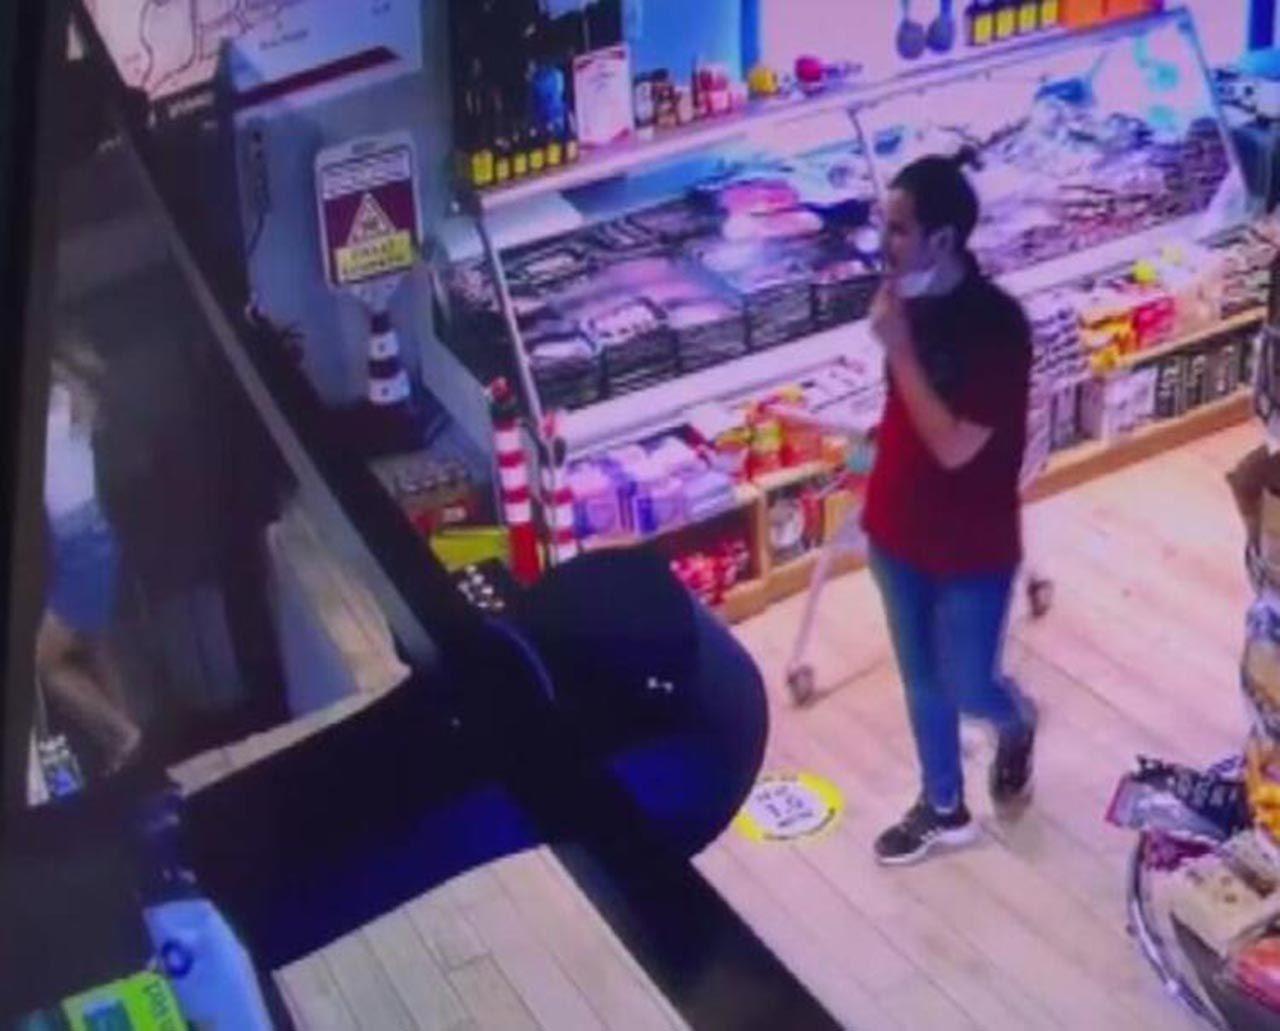 Markette alışveriş yaparken hayatının şokunu yaşadı - Resim: 2